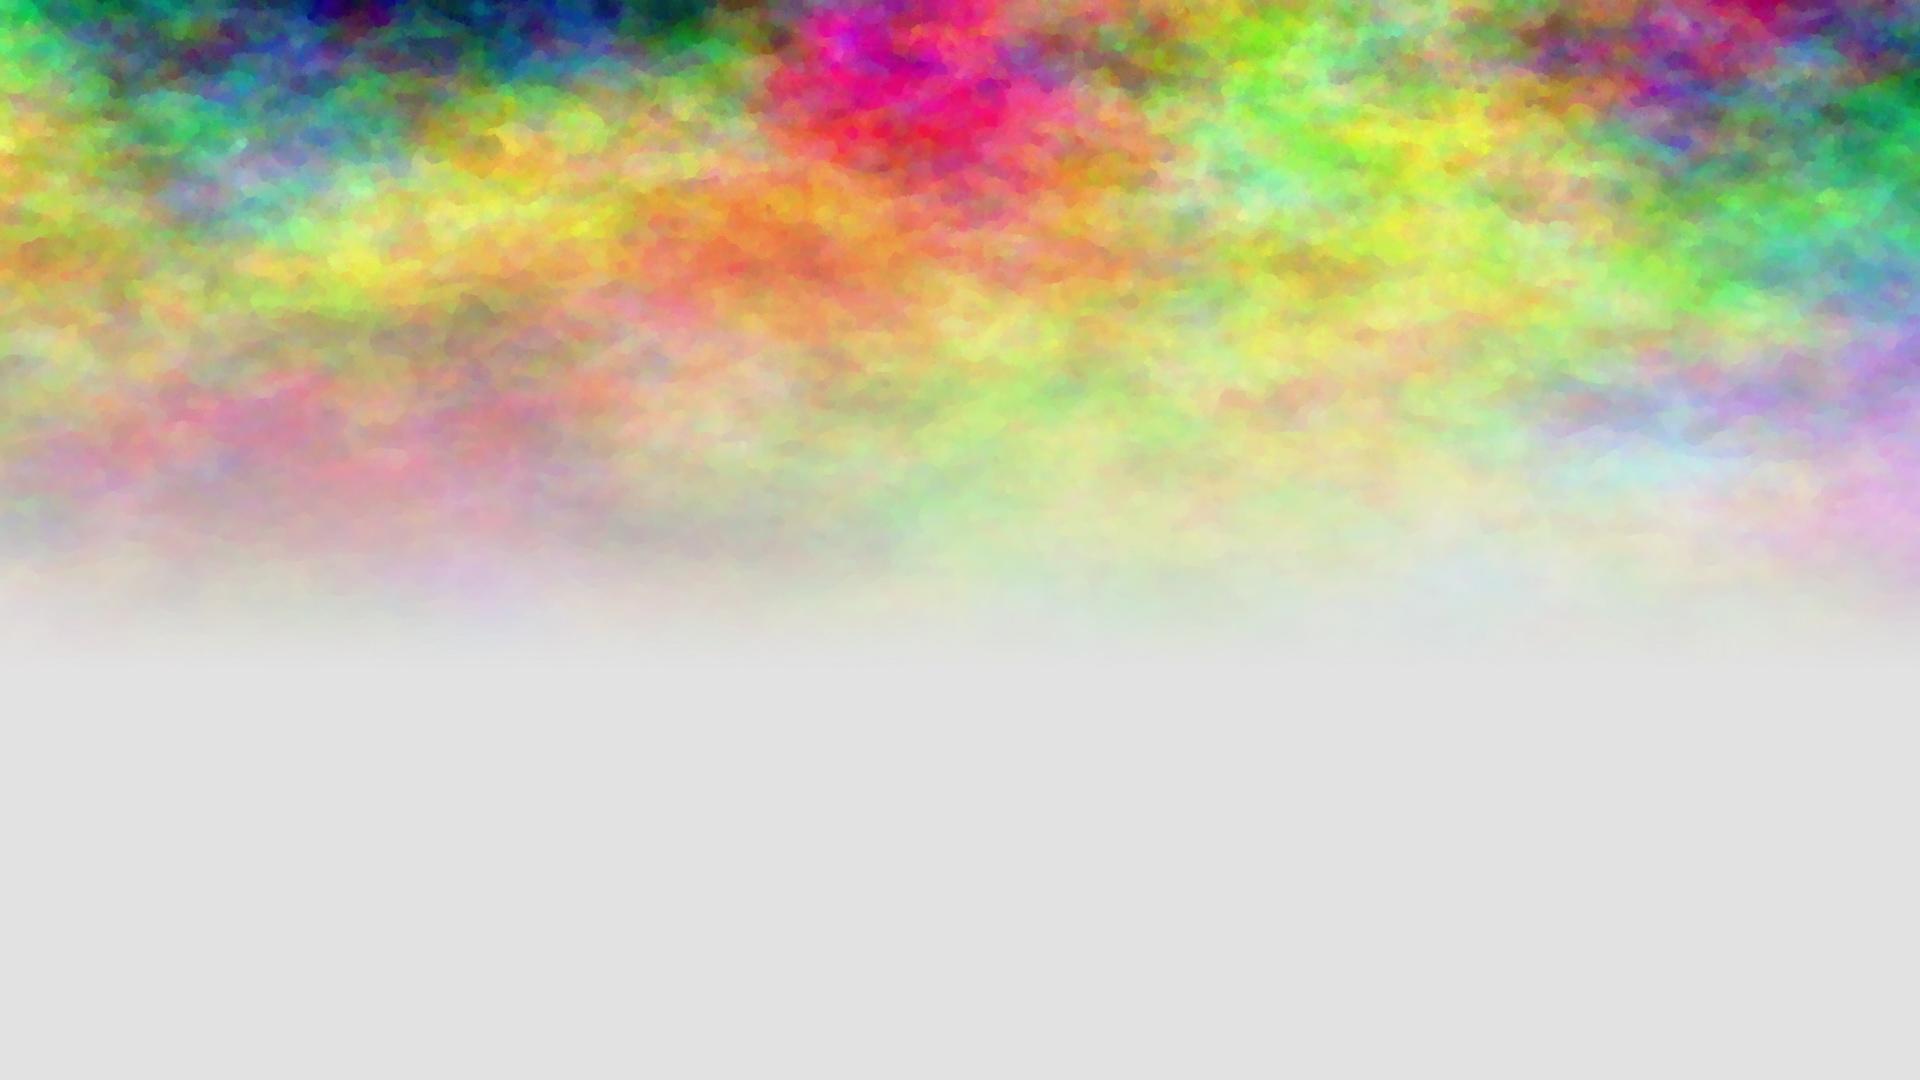 colored wallpaper 46442